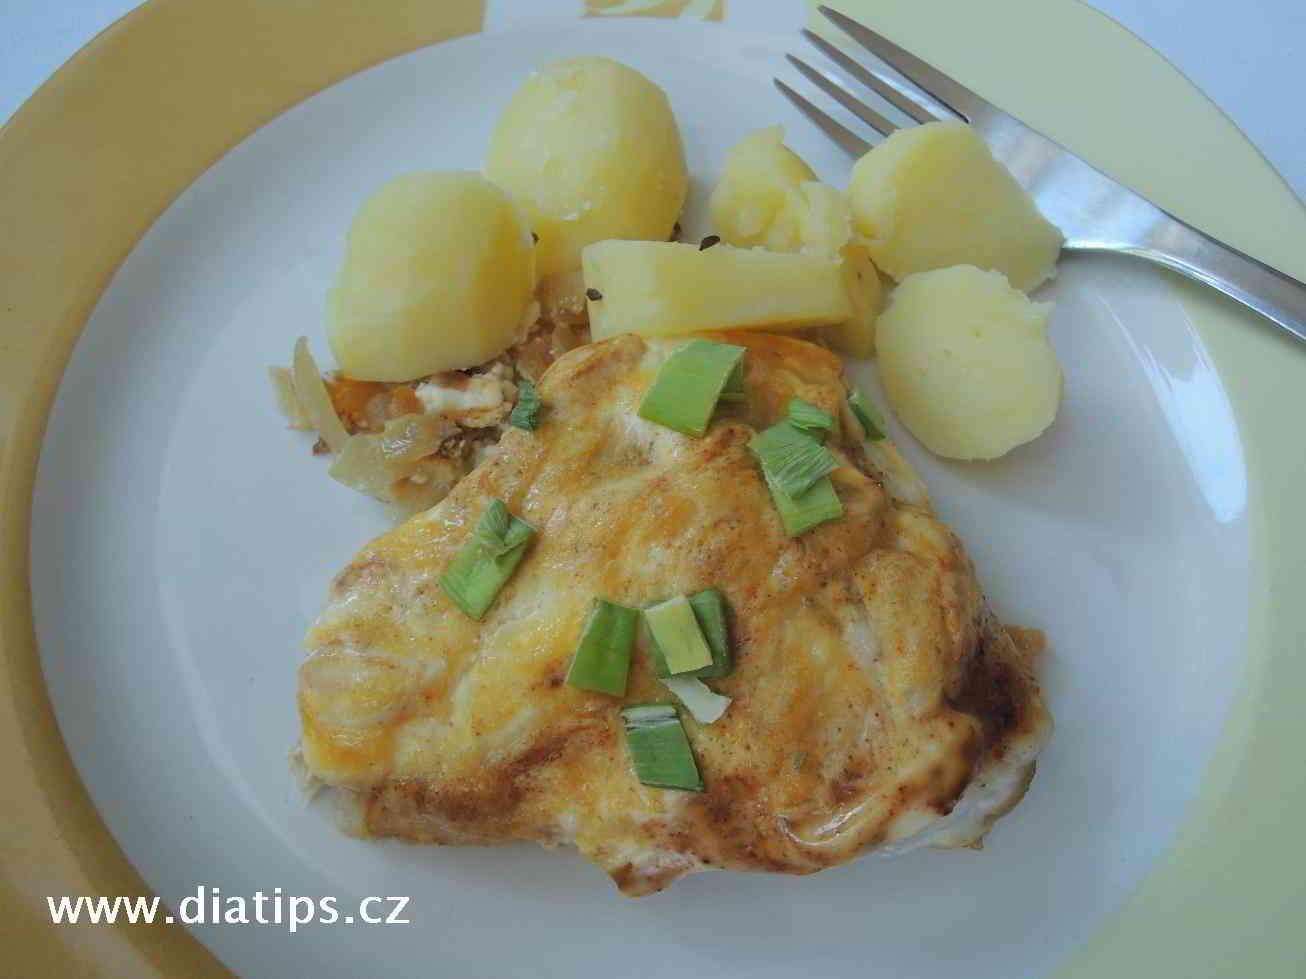 Ryba na paprice se smetanou a bramborem